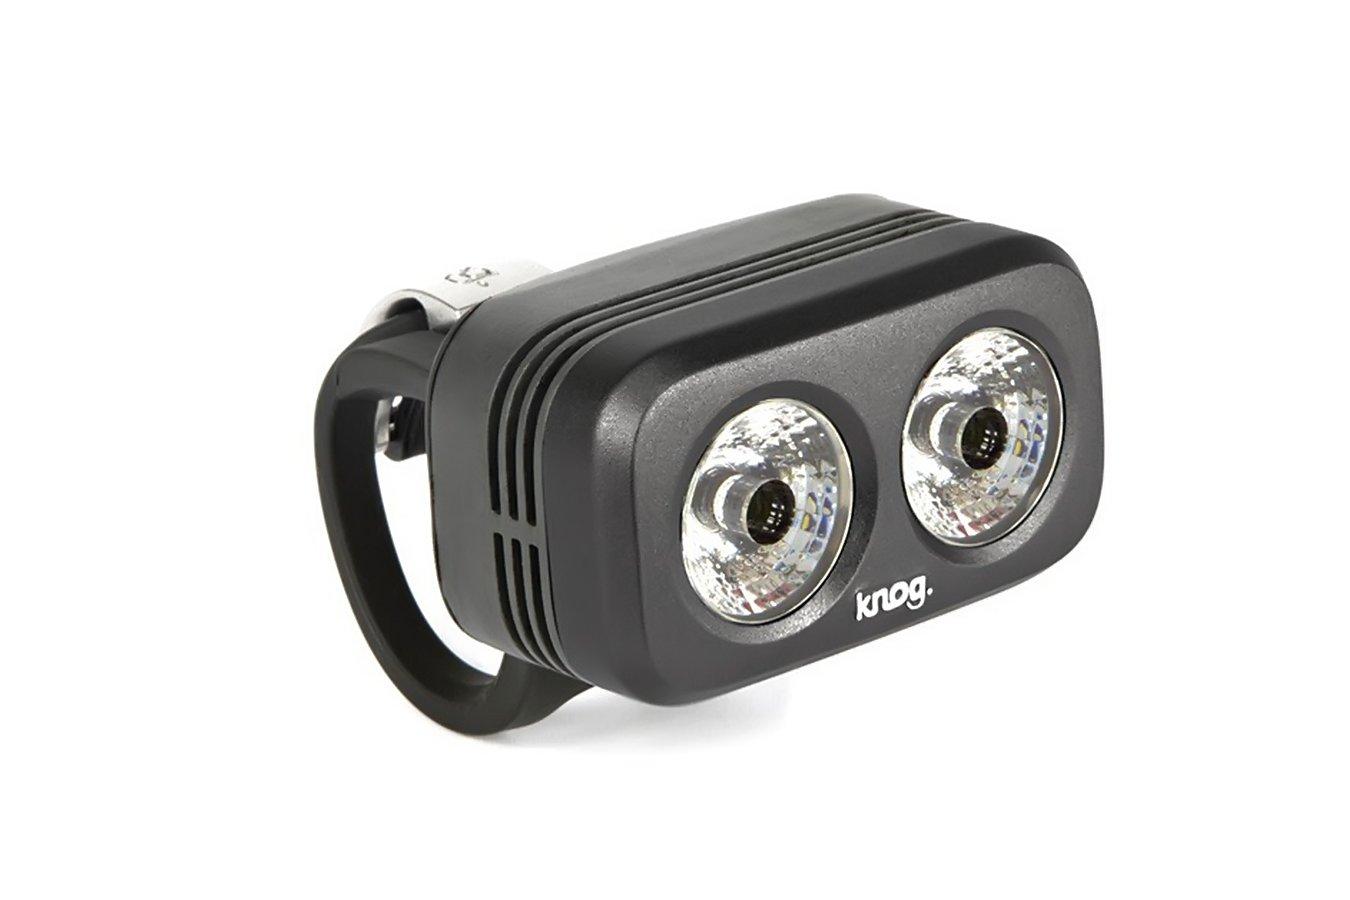 Farol Blinder Road 400 Recarregável USB - Knog